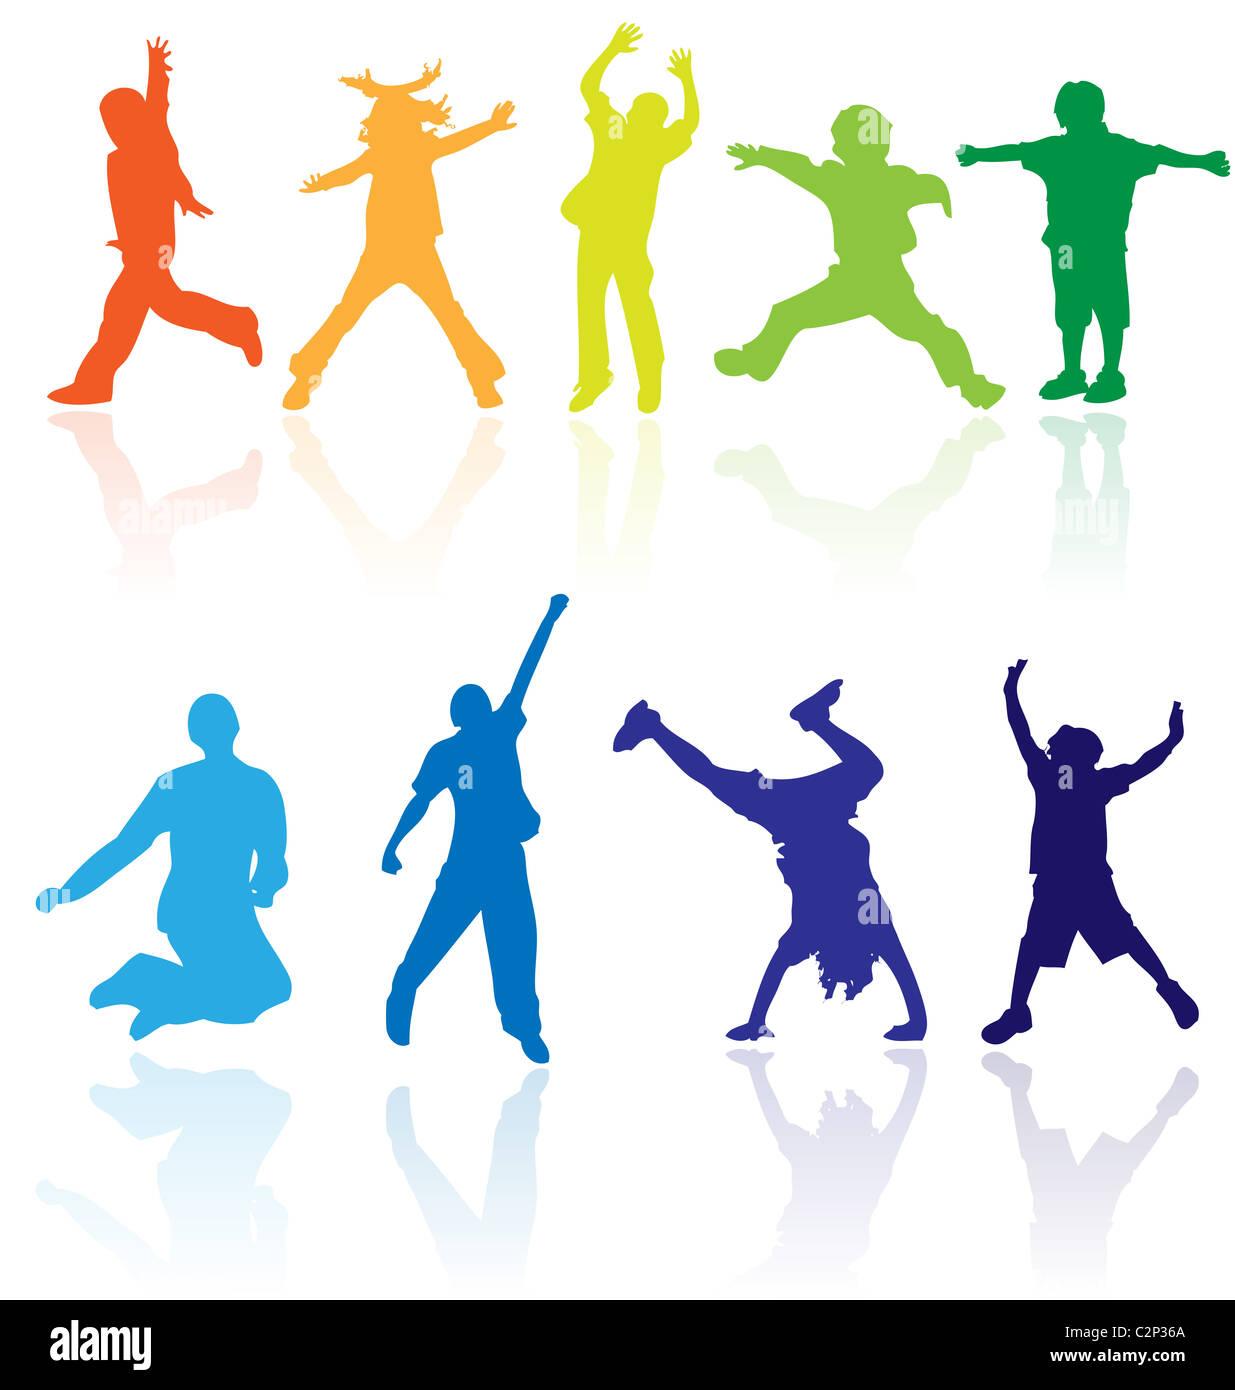 Vector siluetas coloreadas con reflejos de la actividad de los niños. Fácil de editar y de cualquier tamaño. Imagen De Stock